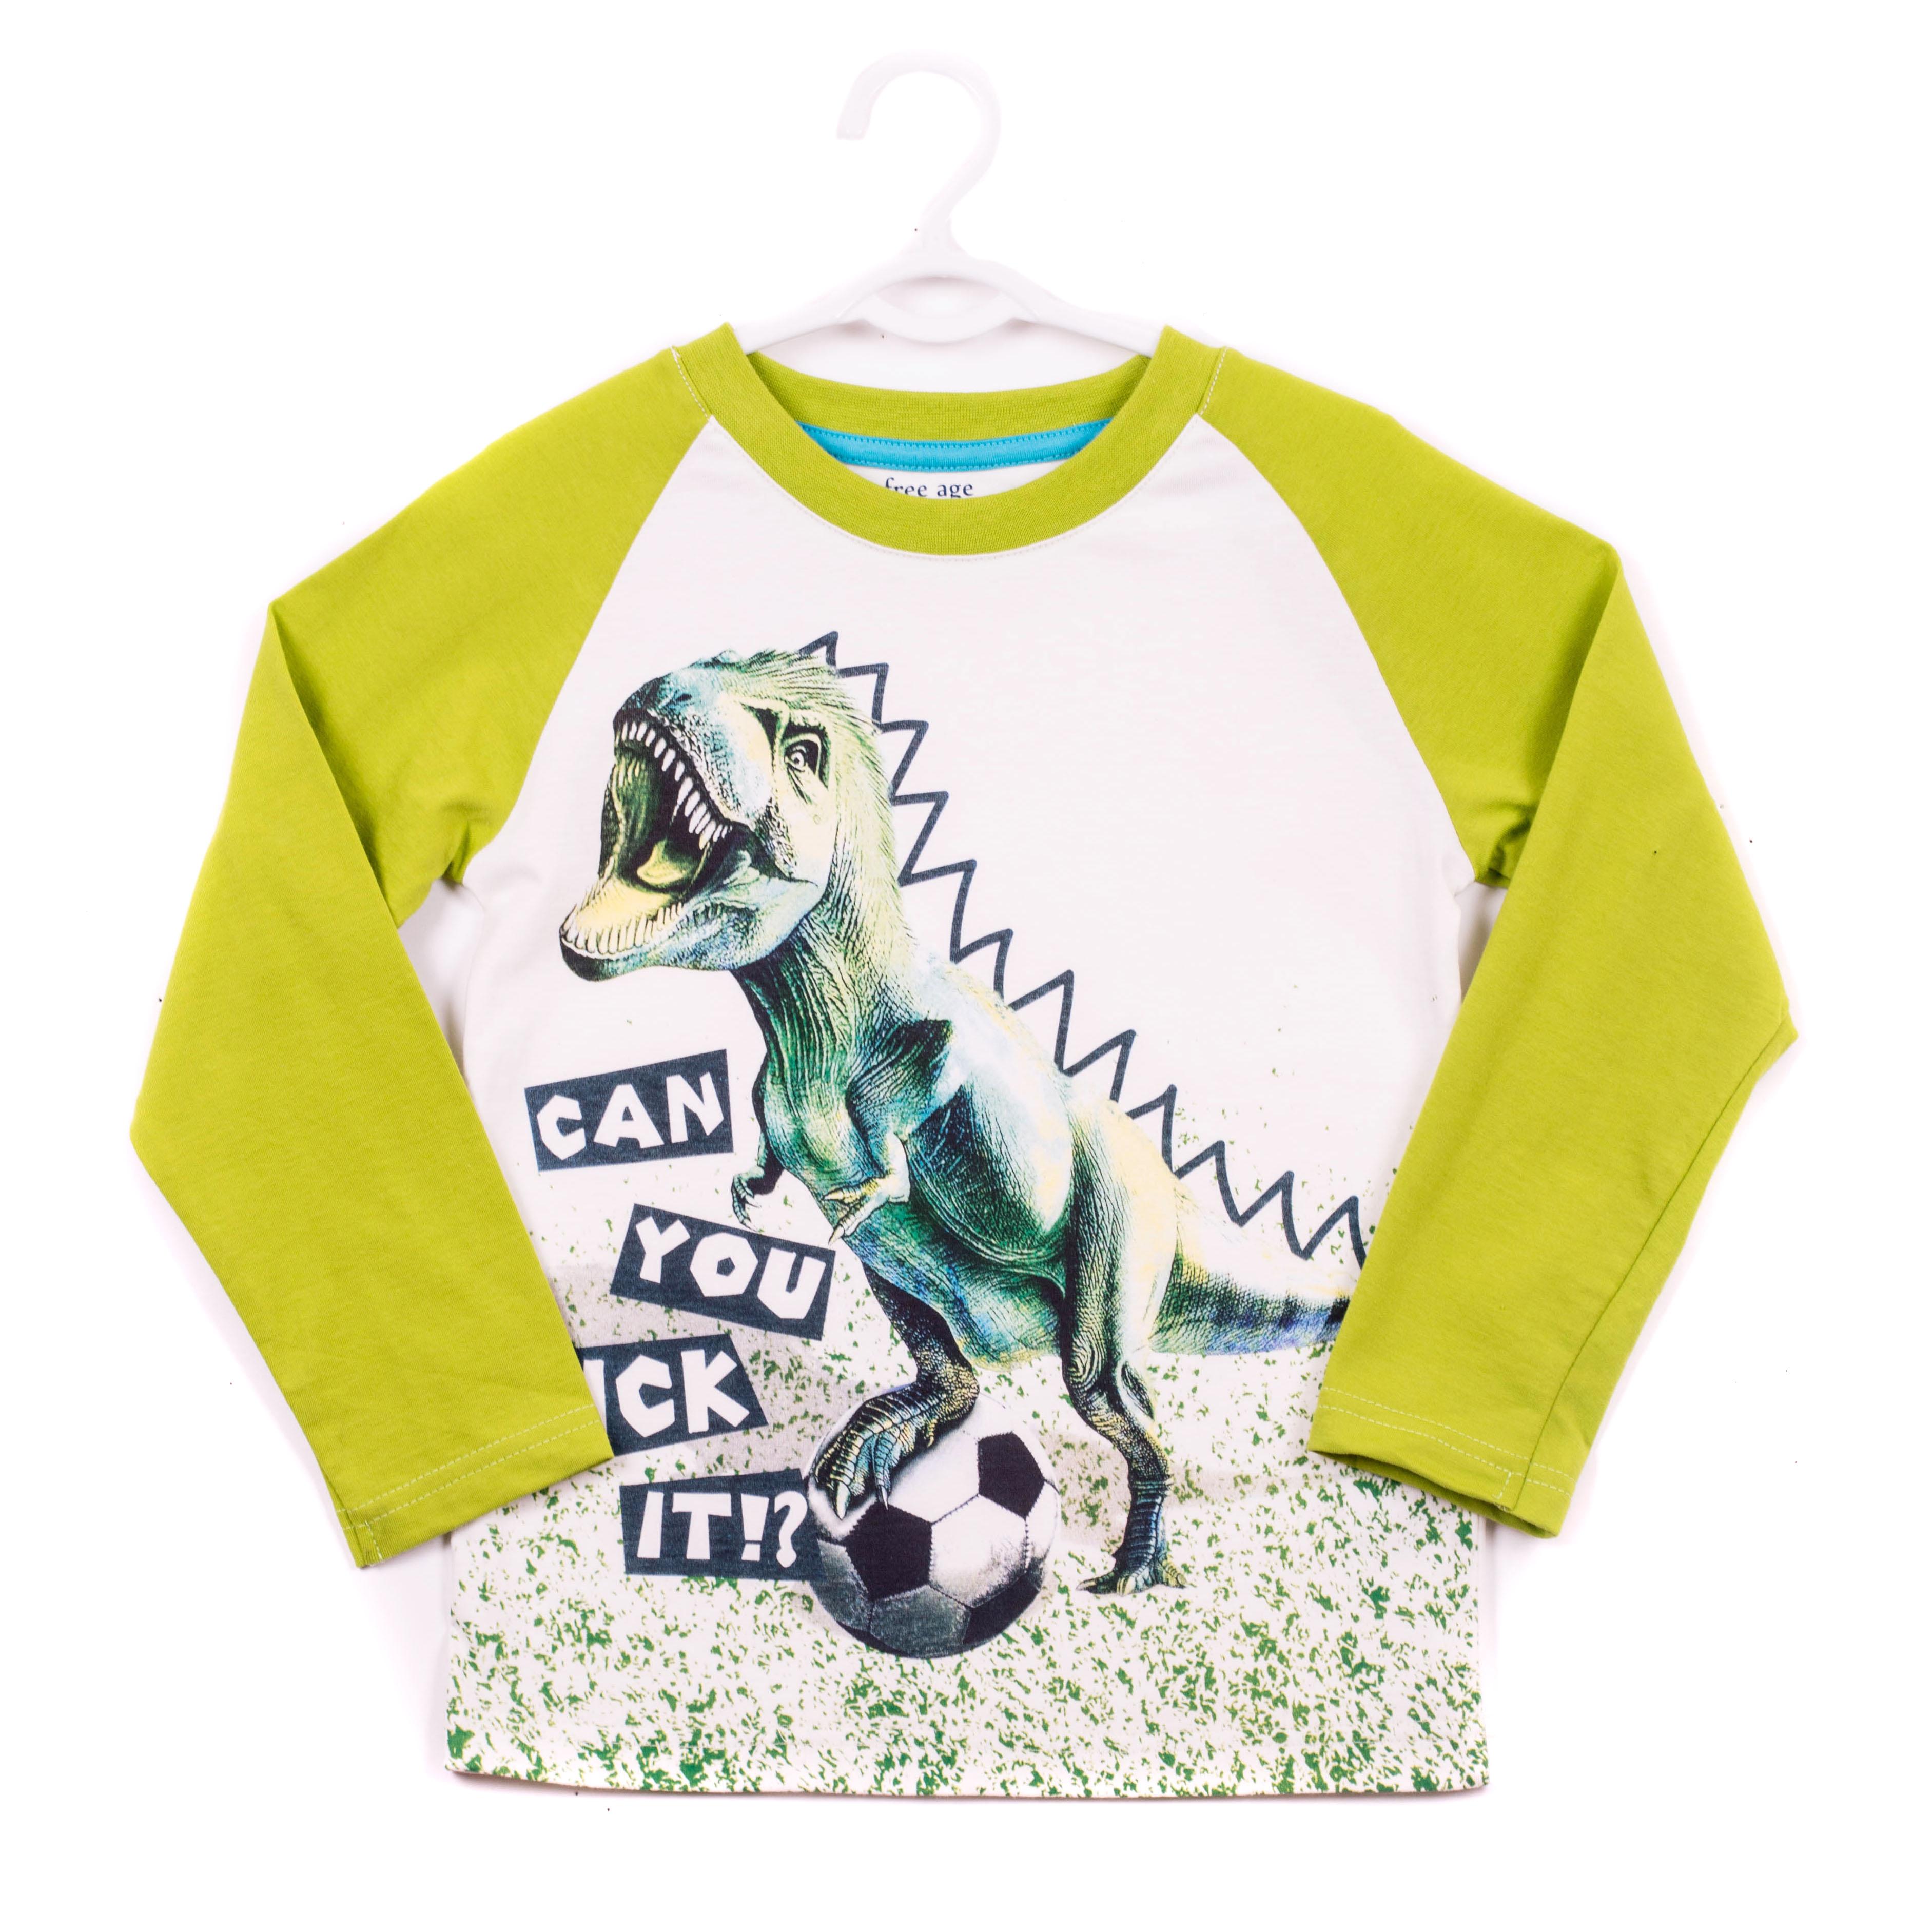 Фуфайка (футболка) длинный рукав для мальчика. ZB 03266-VGZB 03266-VGУдобная футболка с длинным рукавом для мальчика, с современным принтом.